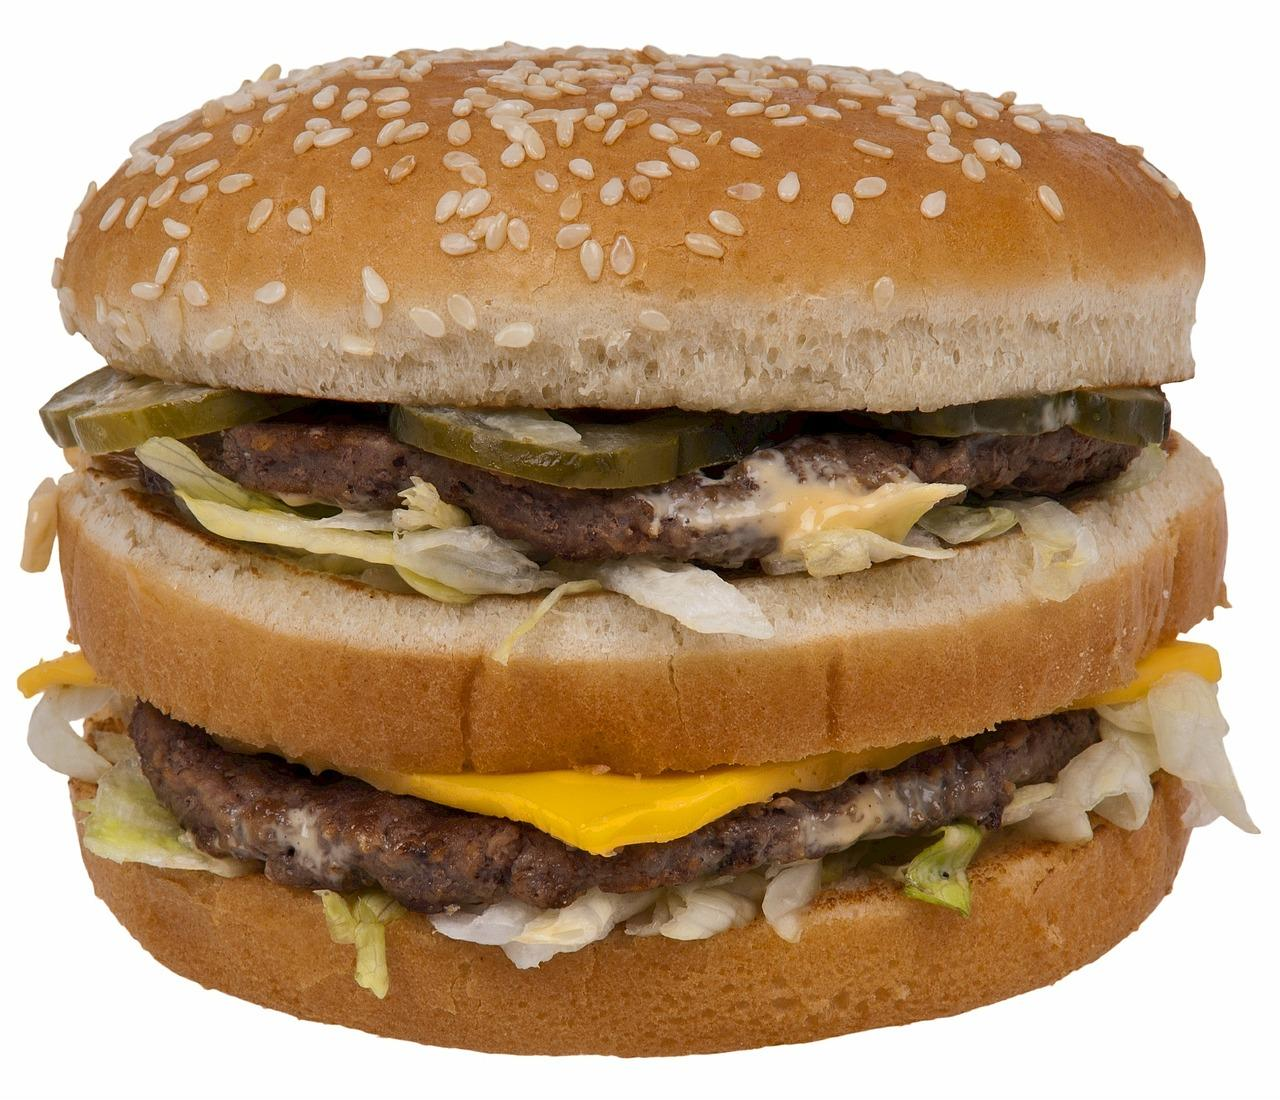 The Big Mac turns 50! Thumbnail